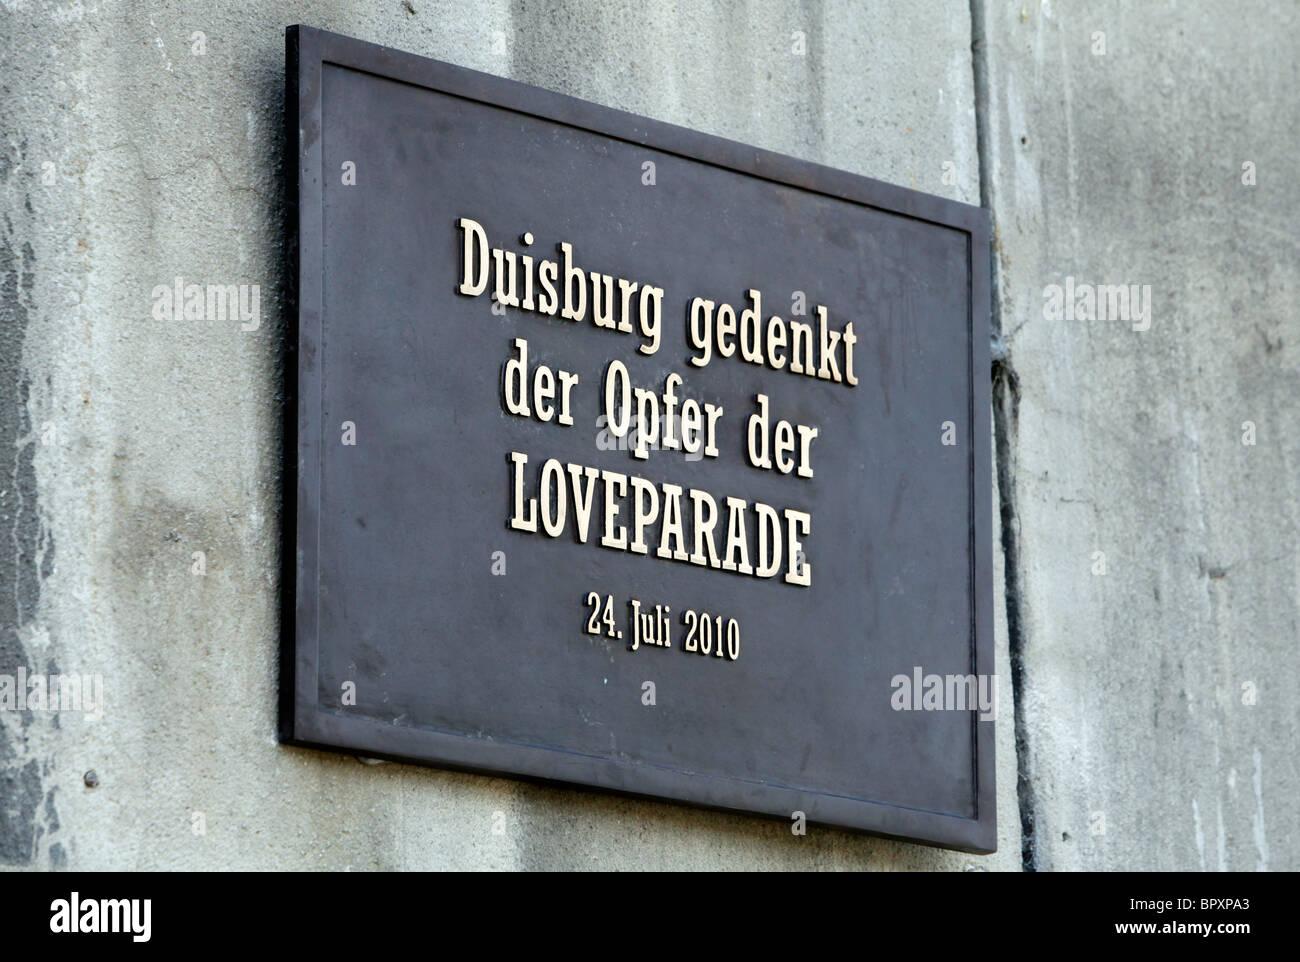 Duisburgo, Alemania, Loveparade 2010: placa de memoria donde una tragedia ocurrió cuando el 24 de julio de Imagen De Stock